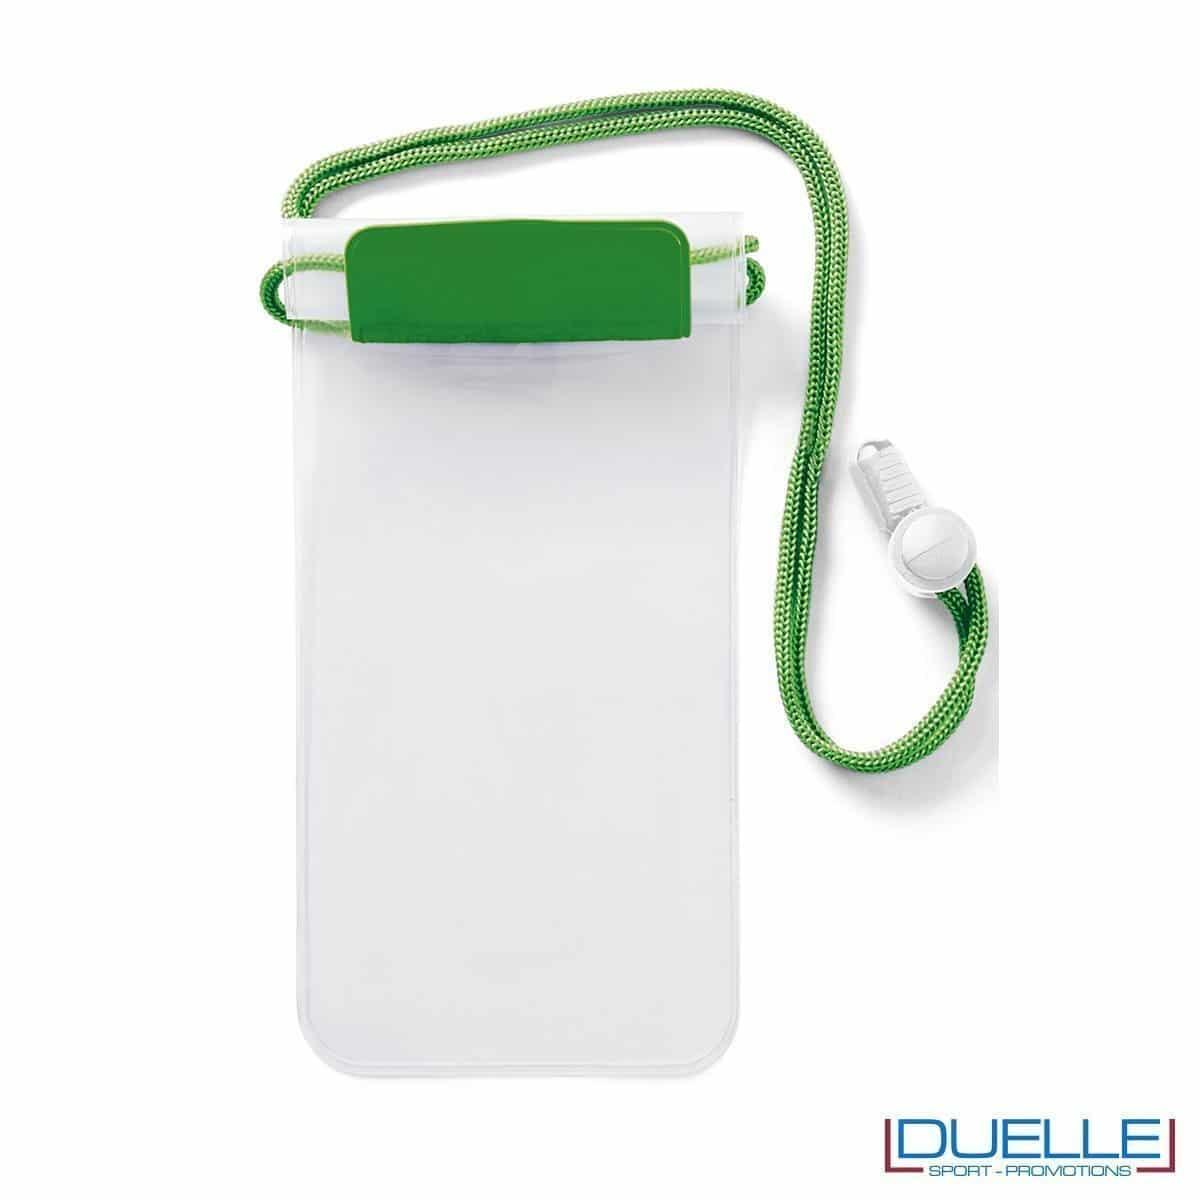 portacellulare personalizzato impermeabile colore verde, porta smartphone impermeabile personalizzabile colore verde